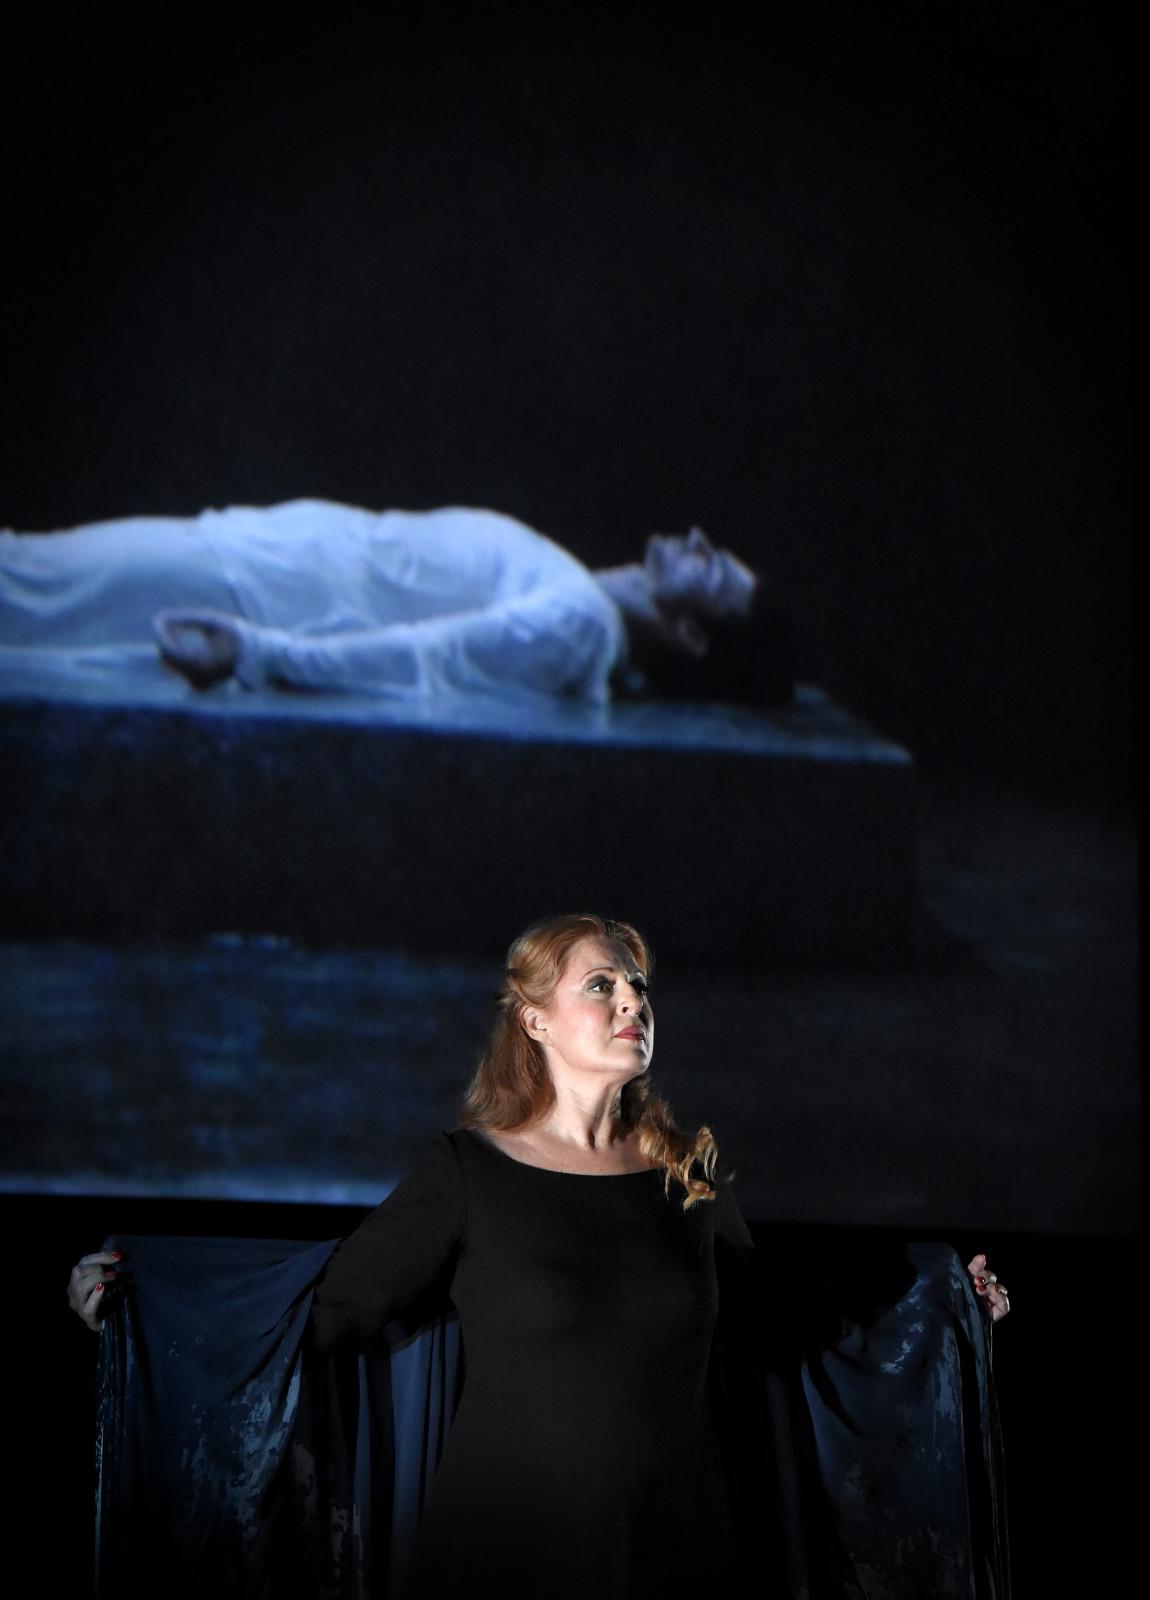 Martina Serafin (Isolde) / © Vincent Pontet (OnP)